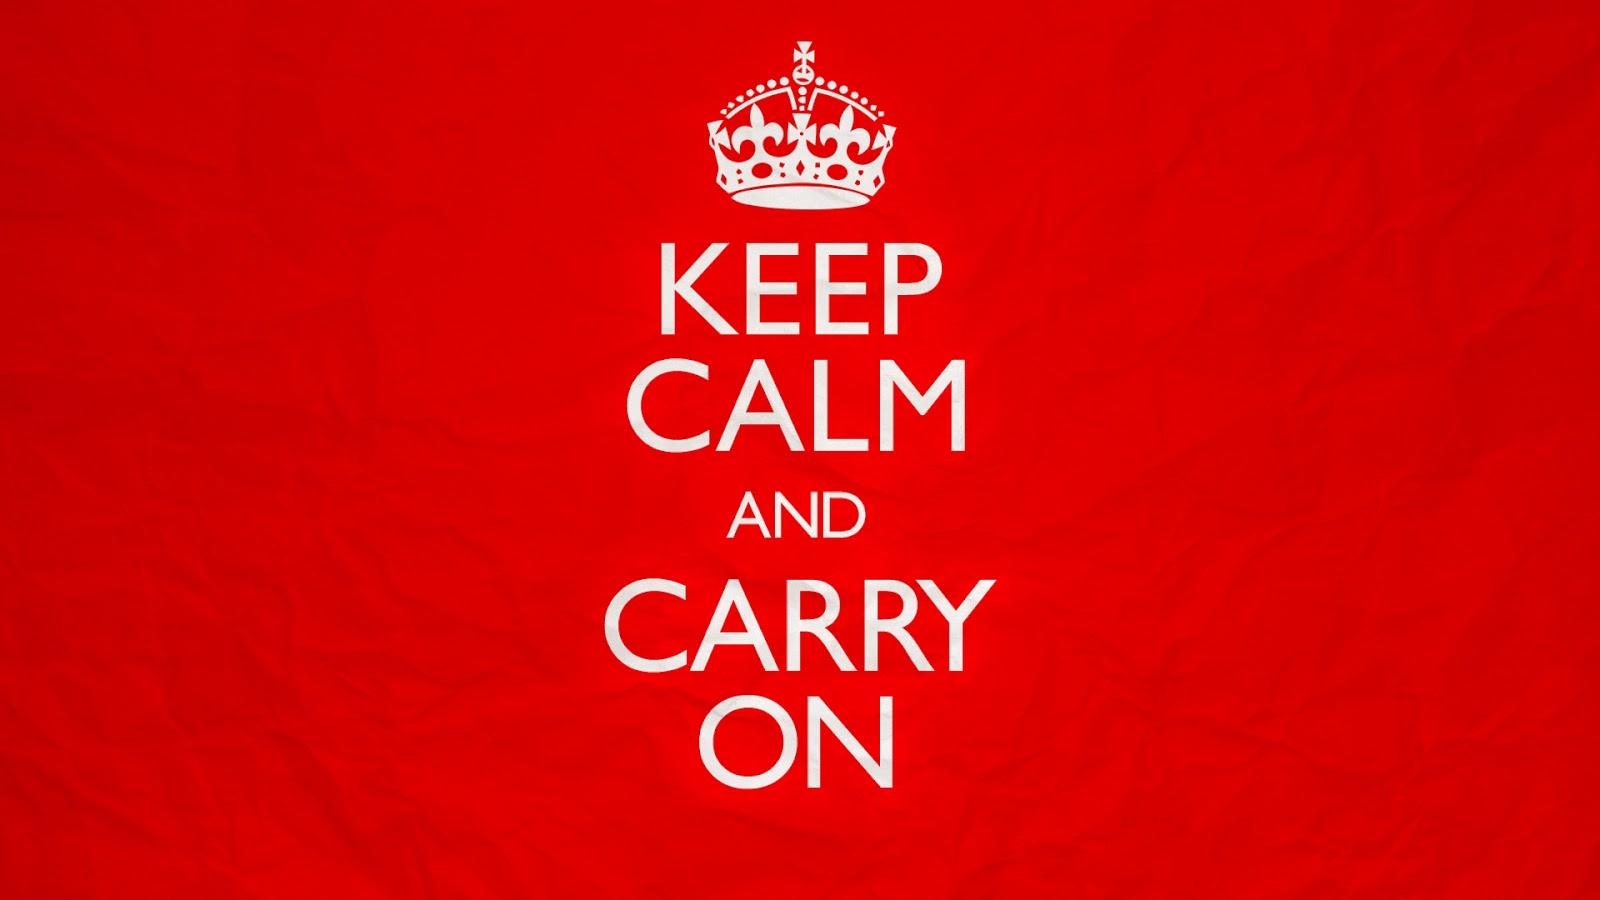 Que Significa Keep Calm: Tatamba Blog De Decoración: ¿QUÉ SIGNIFICA KEEP CALM AND